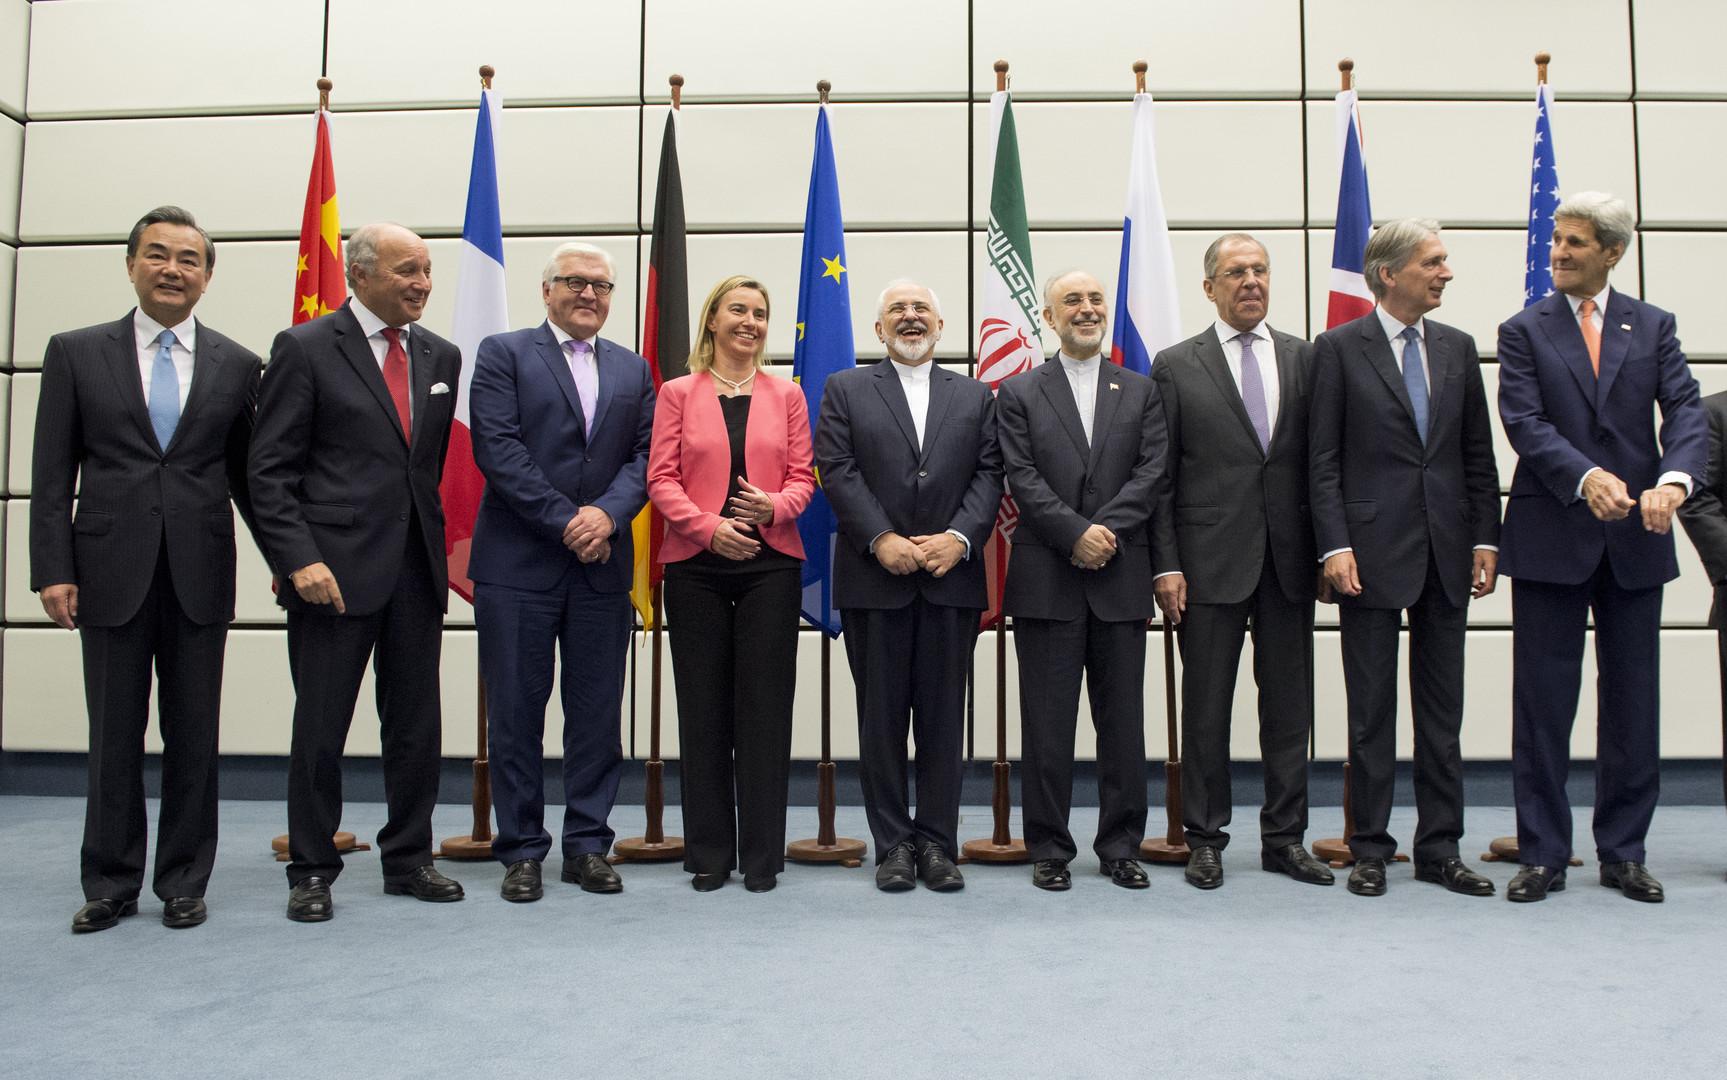 إيران تنفي اشتراطها بيع 1.5 مليون برميل نفط للبقاء في الاتفاق النووي